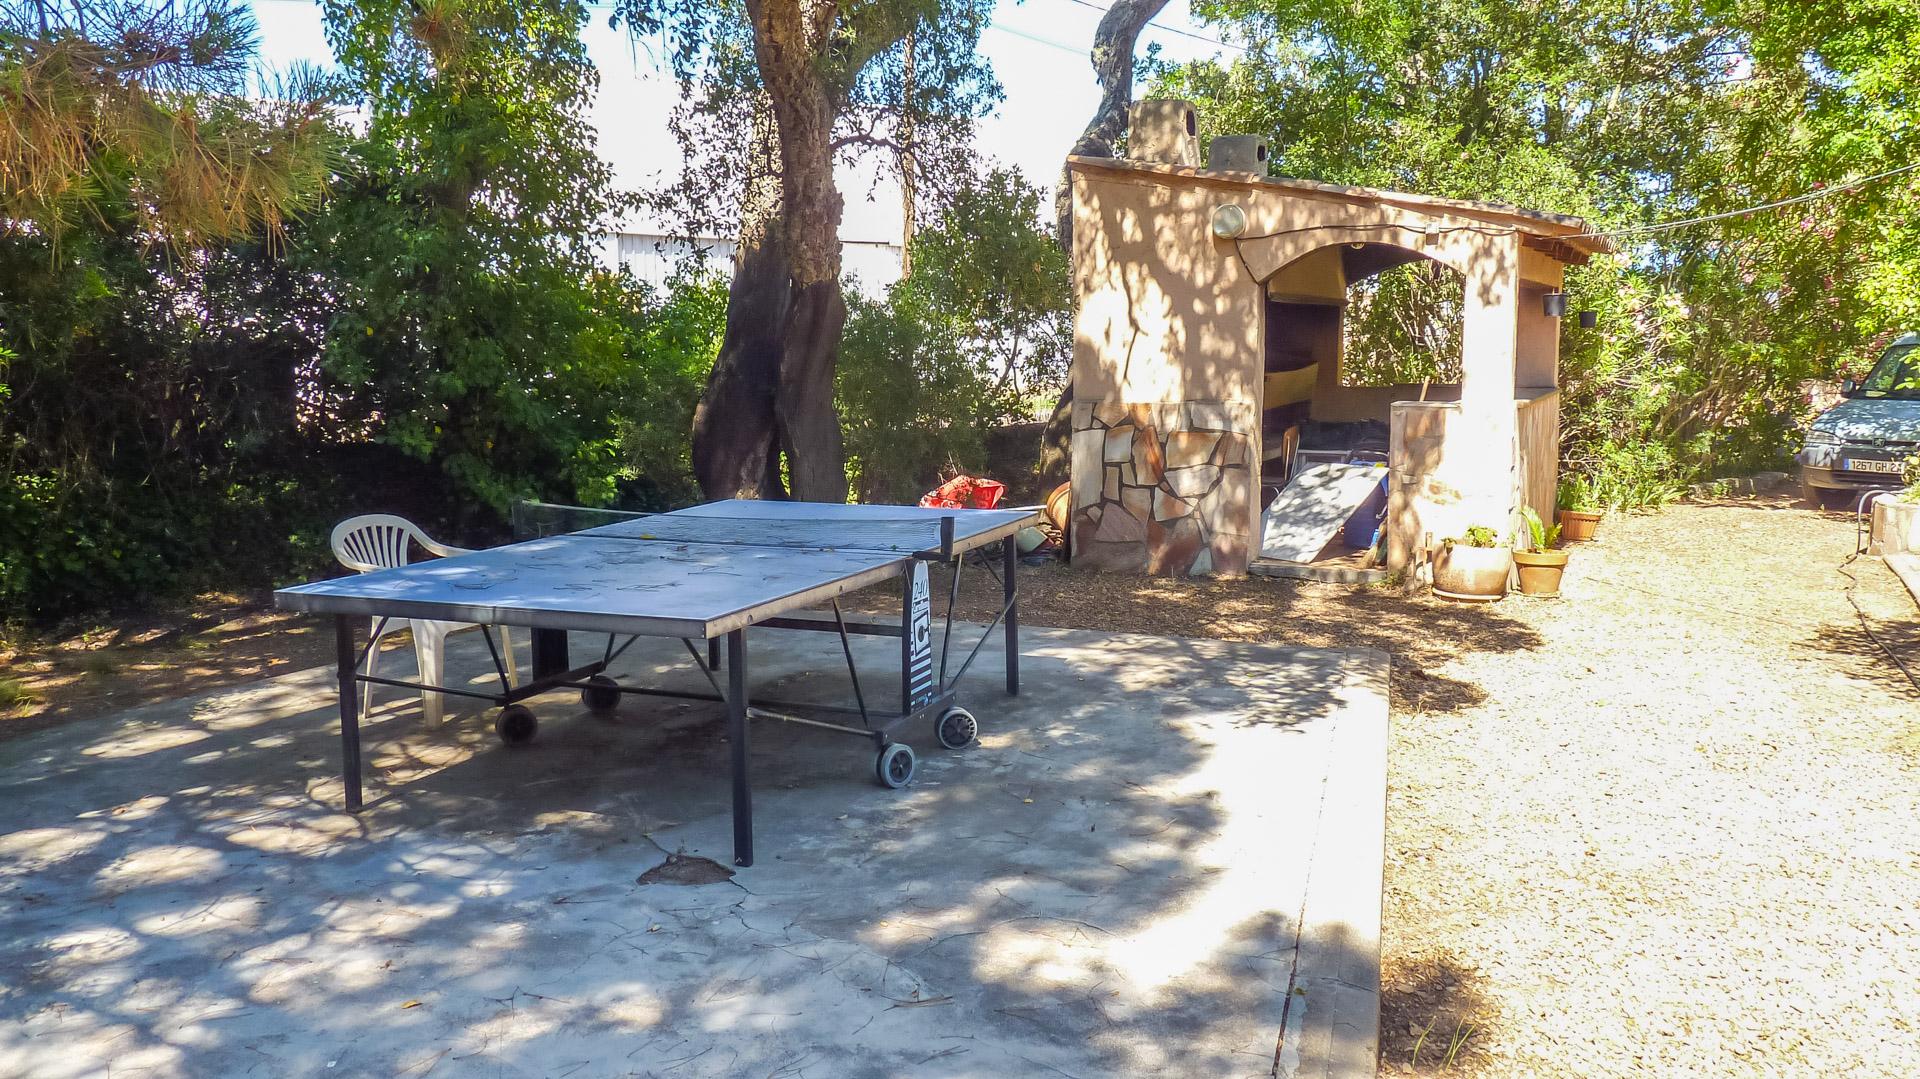 Camping U Stabiacciu